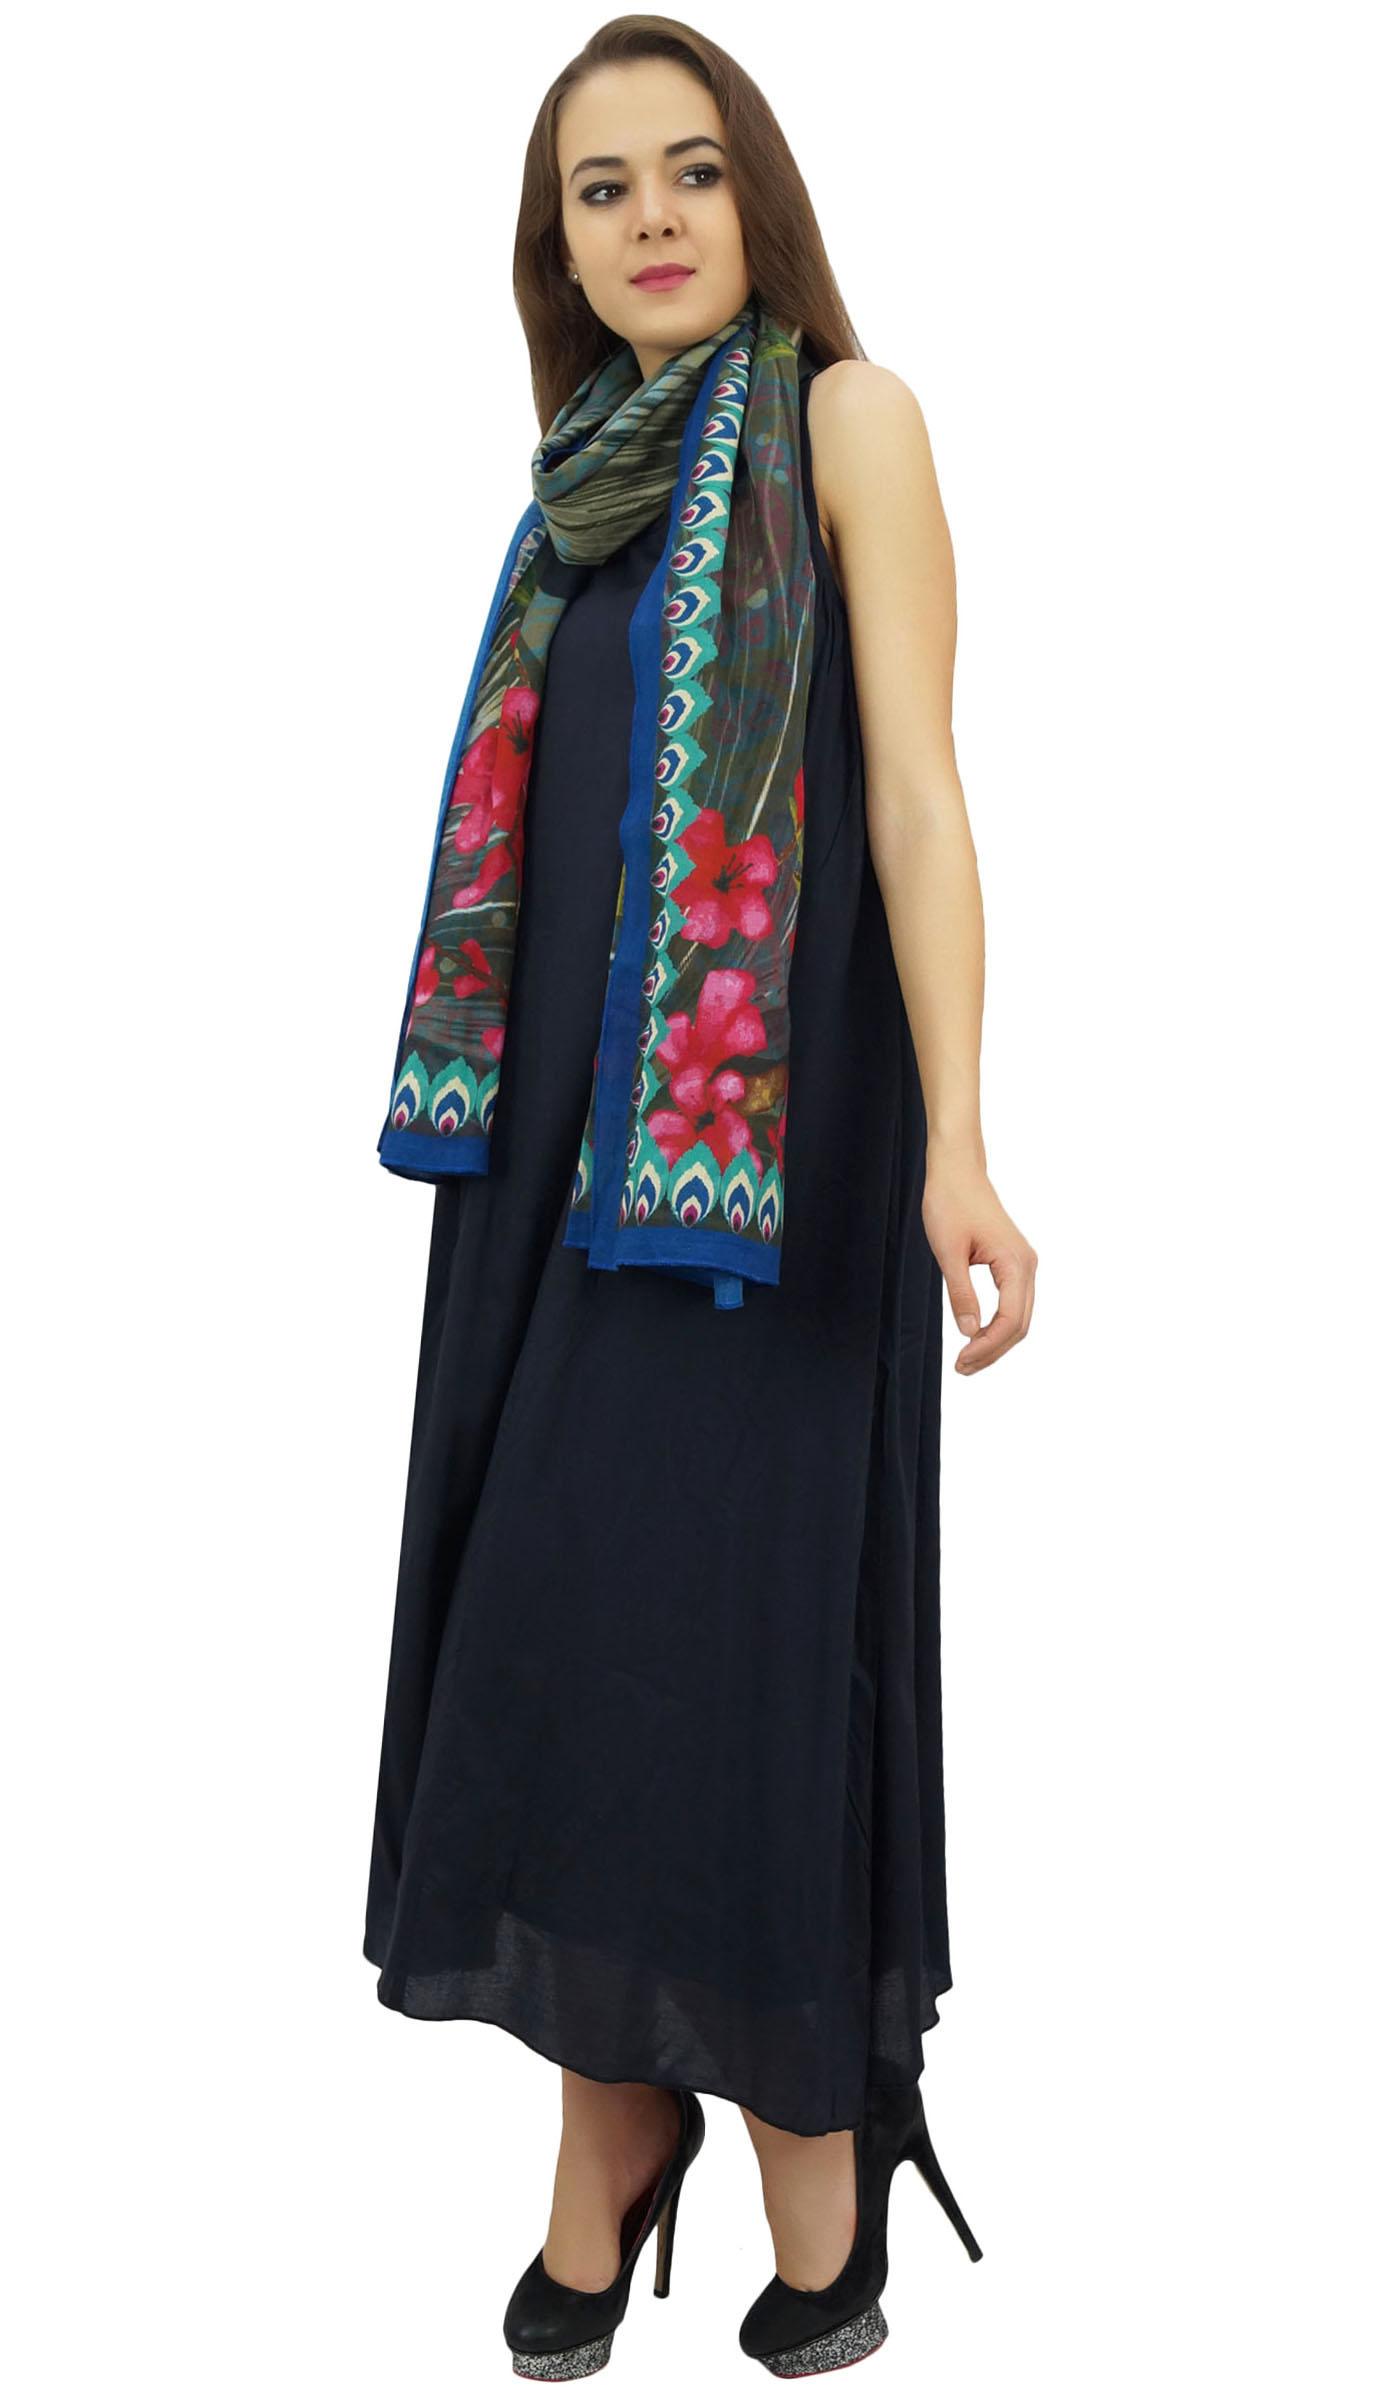 Indexbild 3 - Bimba Damen Designer Marineblaues Kleid Mit Floral Bedrucktem Schal-wbh